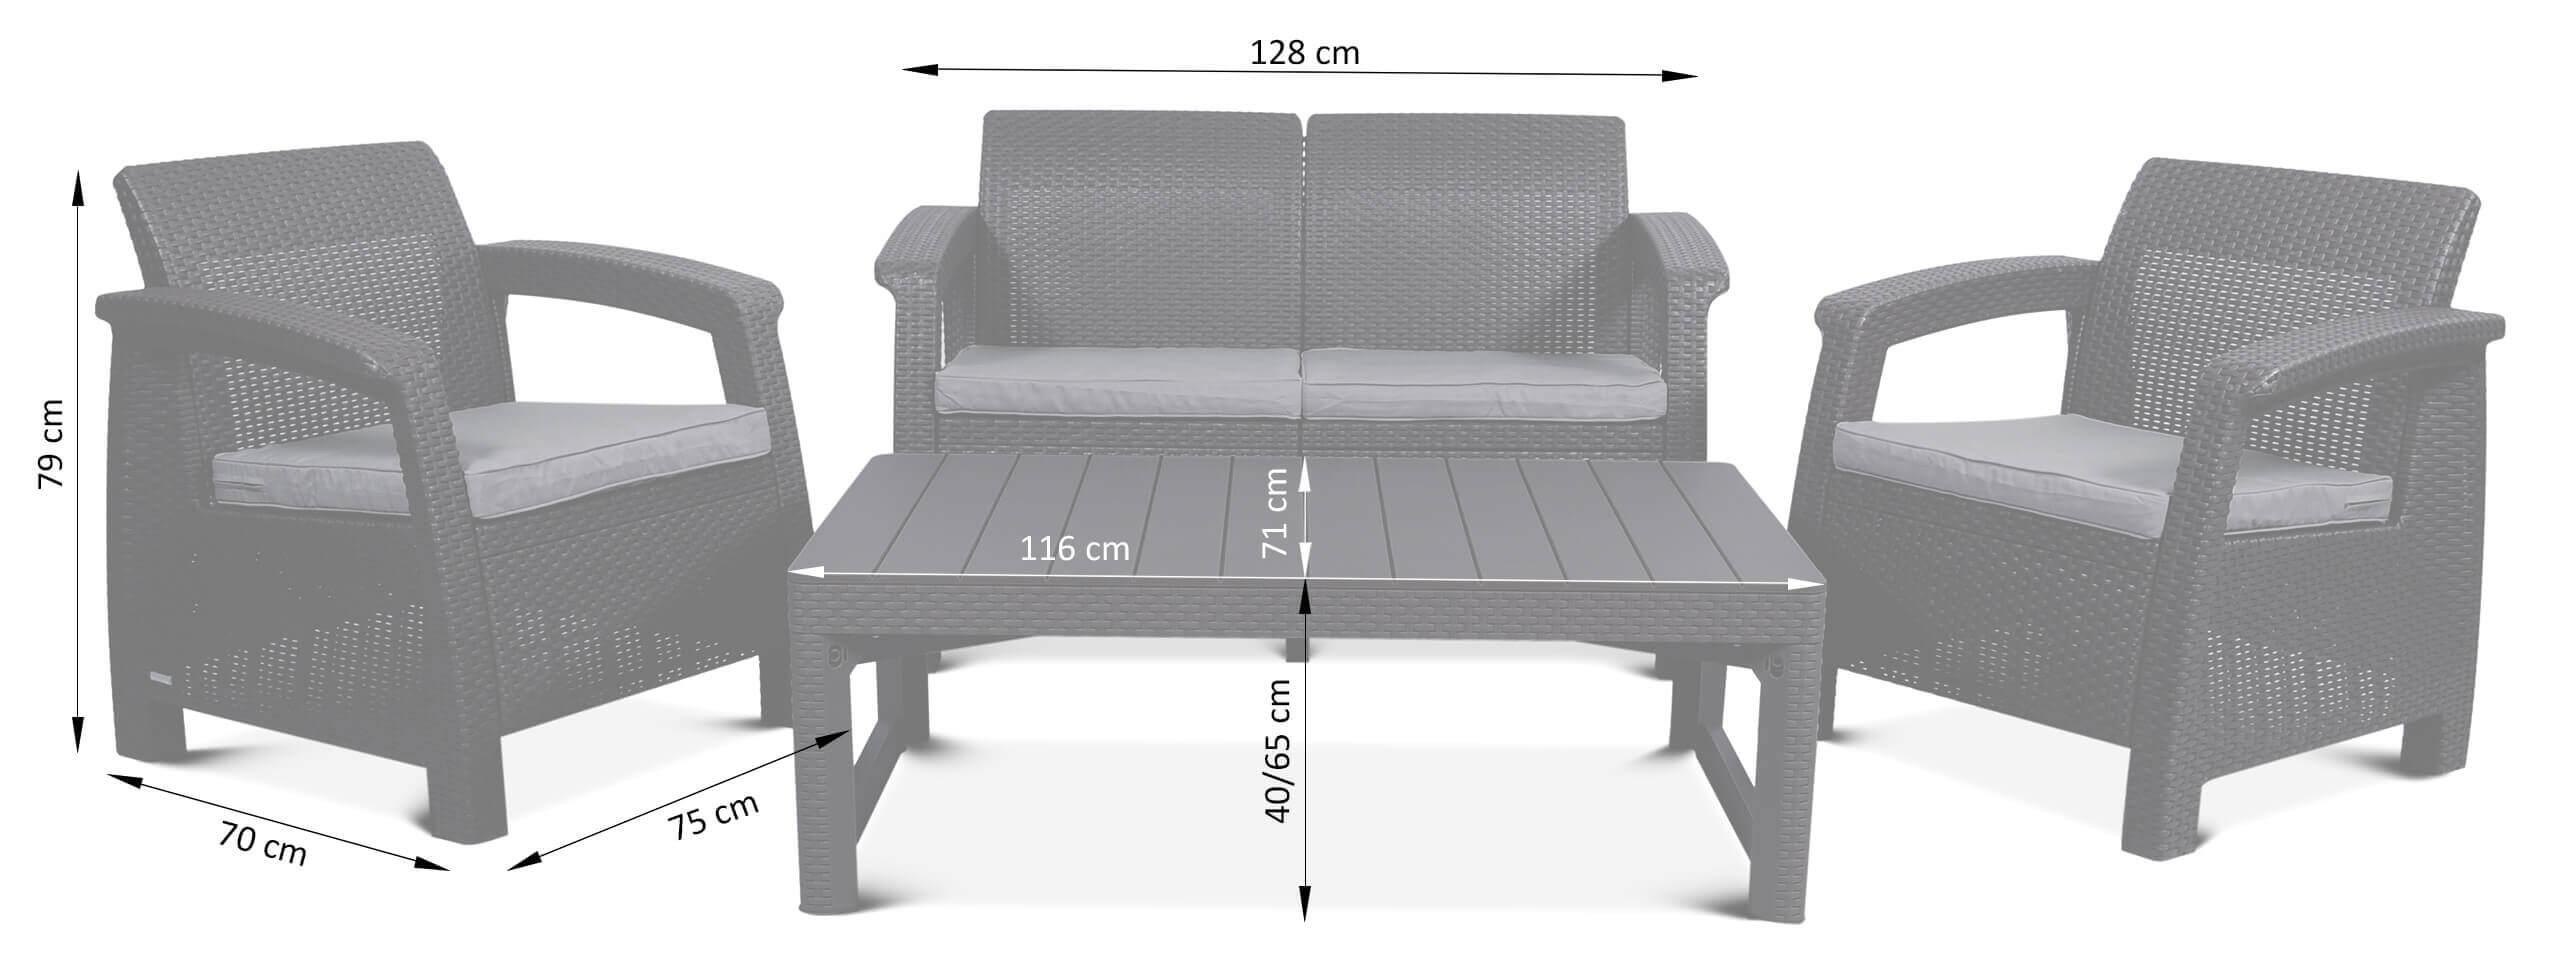 Wymiary zestawu mebli wypoczynkowych Corfu set ze stołem Lyon